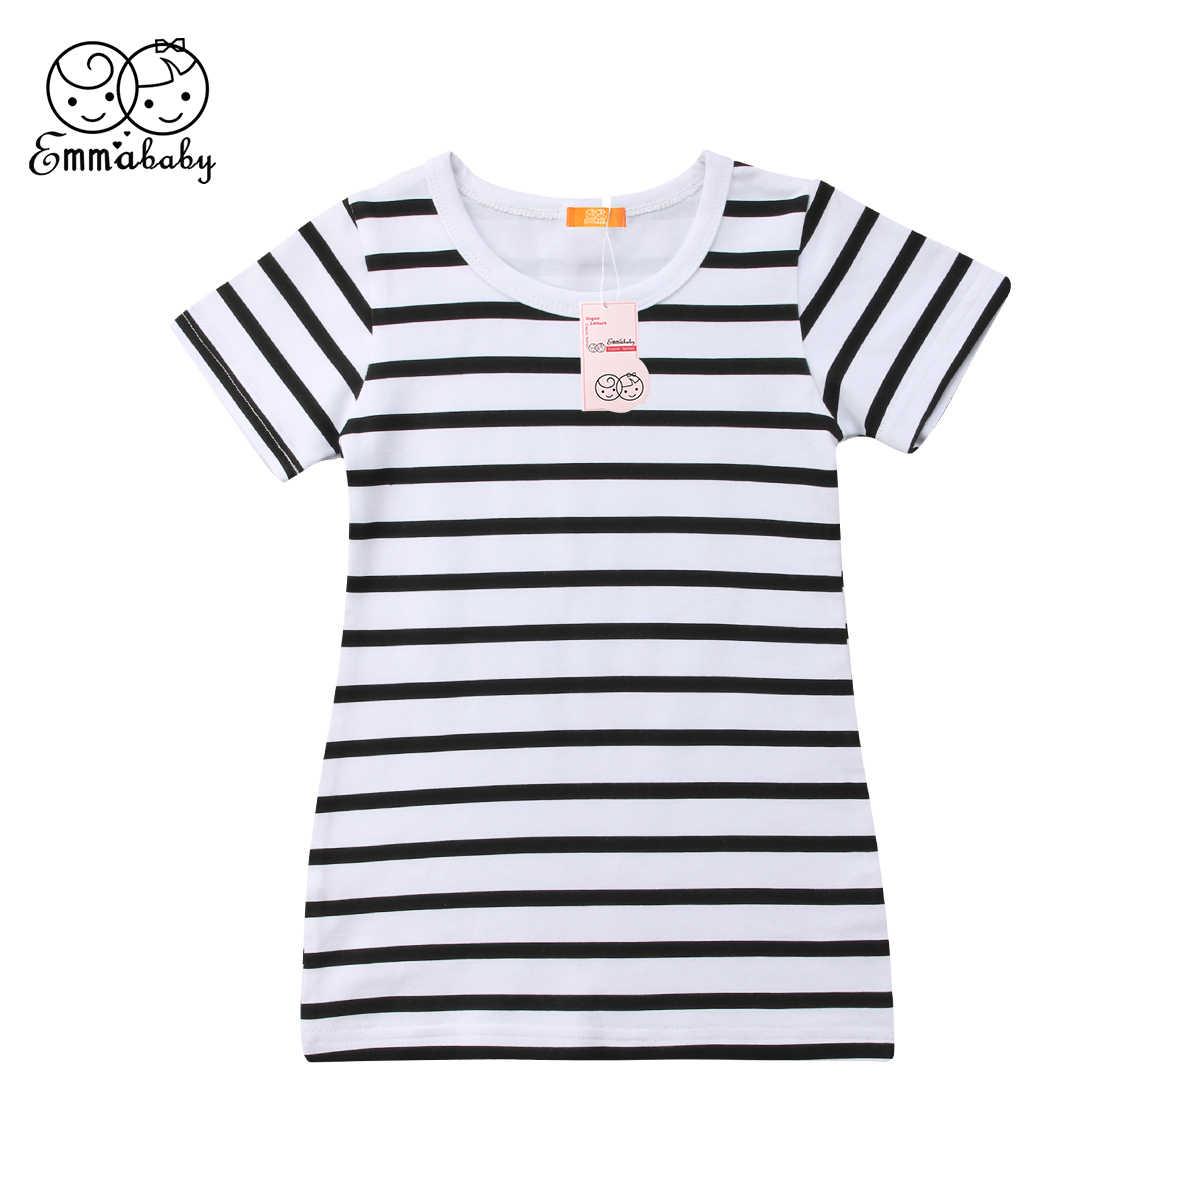 Thời trang Cô Gái Ăn Mặc Mùa Hè Ngắn Tay Áo Màu Đen và Trắng Sọc Dresses Brife Toddler Trẻ Em Bông Quần Áo Trẻ Em Quần Áo